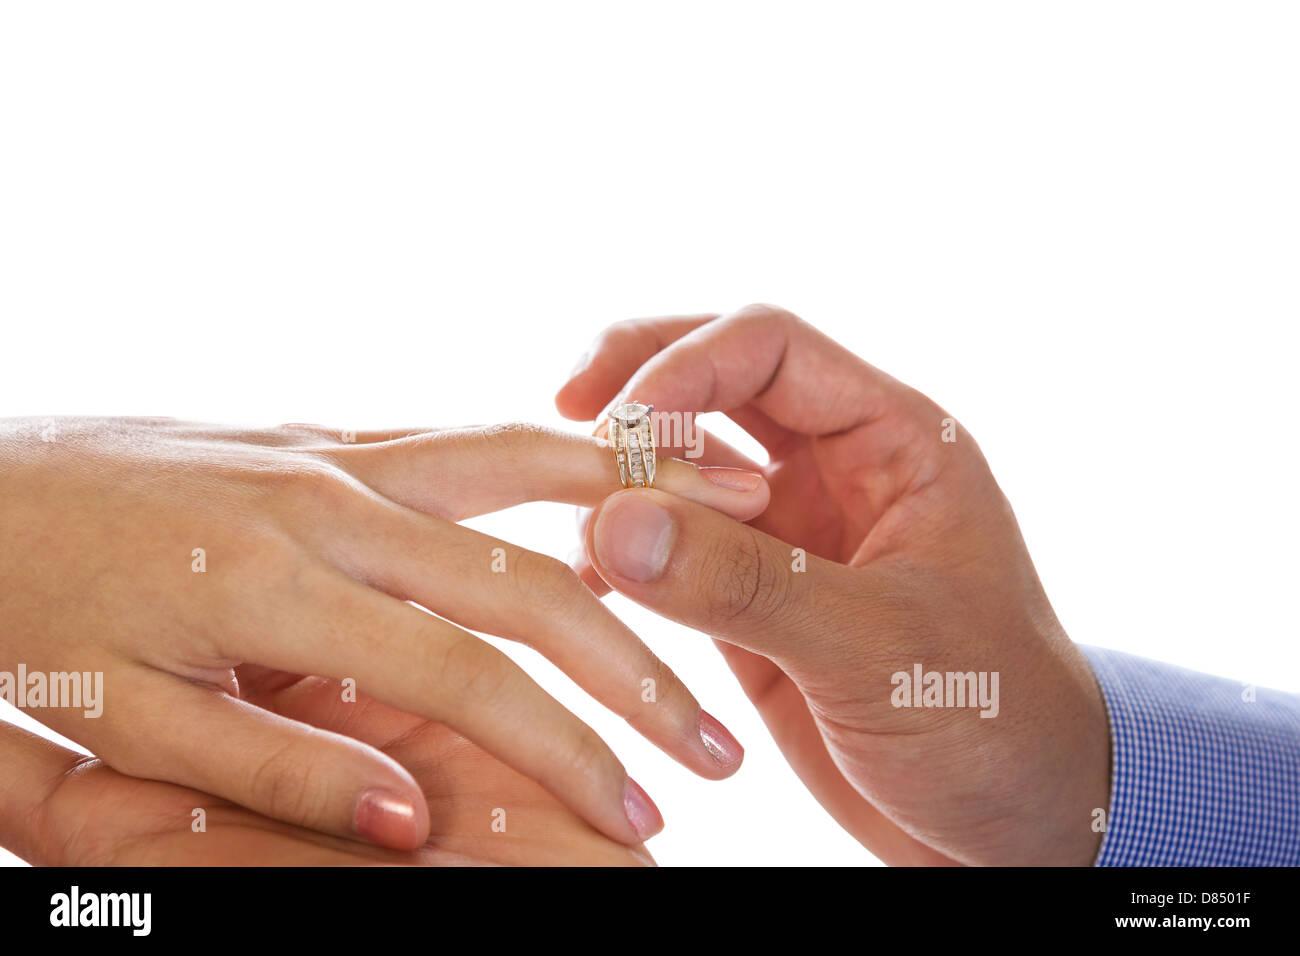 Horizontale Foto Mit Fokus Auf Mannliche Hand Setzen Verlobungsring